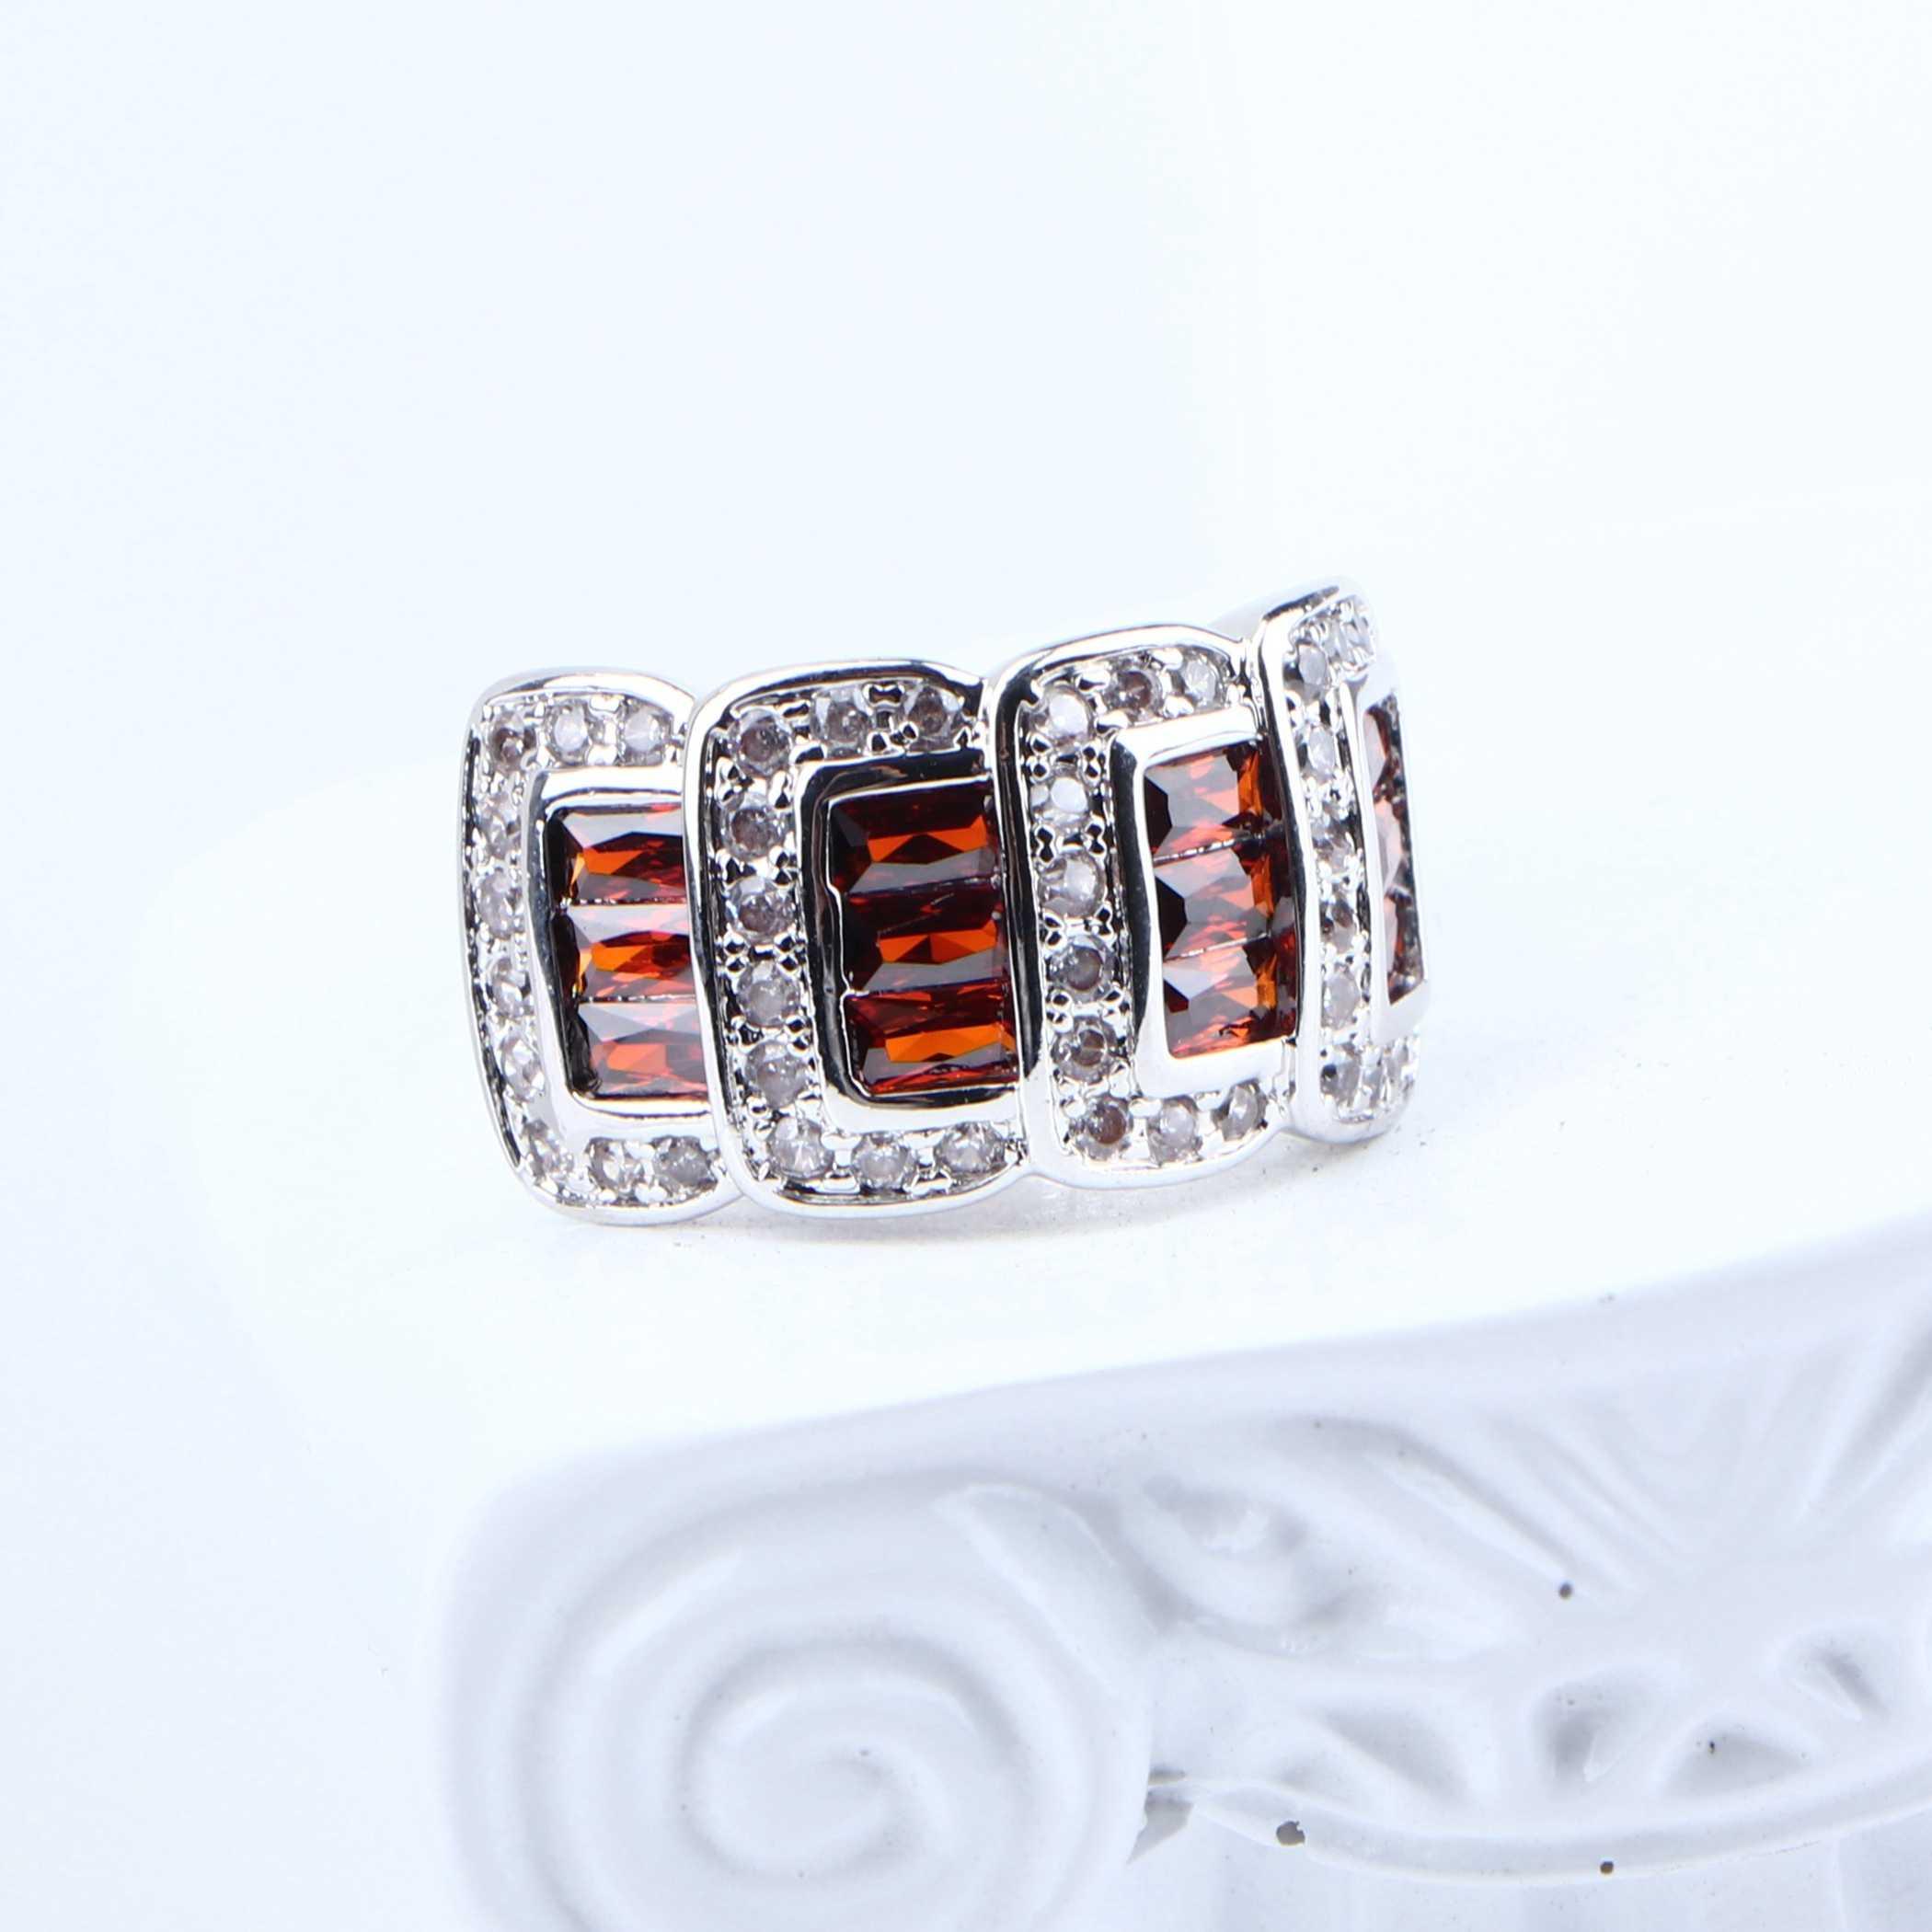 נשים תלבושות יוקרה כלה תכשיטי סטי חתונה כסף 925 זירקון תכשיטי תליון צמיד טבעת עגילי שרשרת סט אריזת מתנה